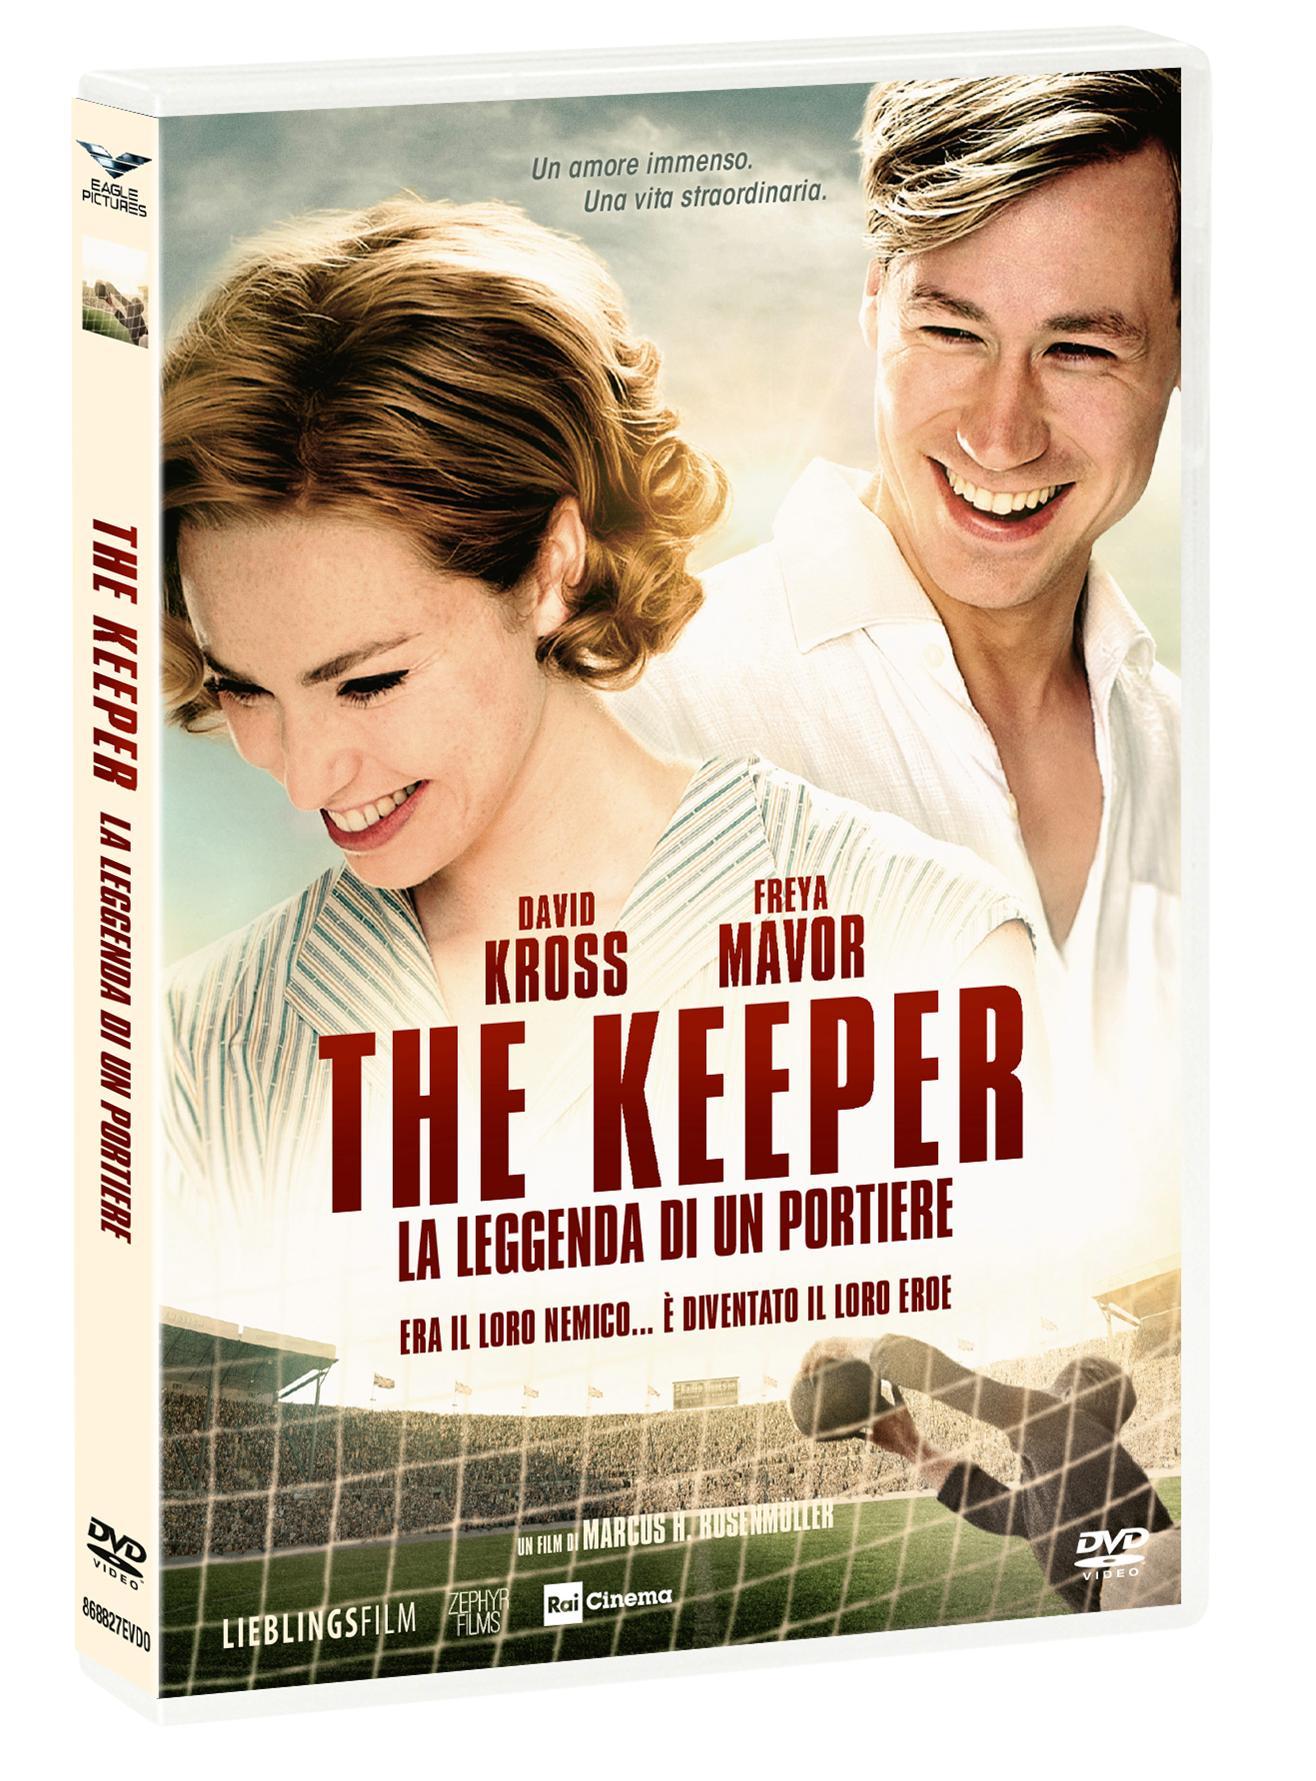 THE KEEPER - LA LEGGENDA DI UN PORTIERE (DVD)